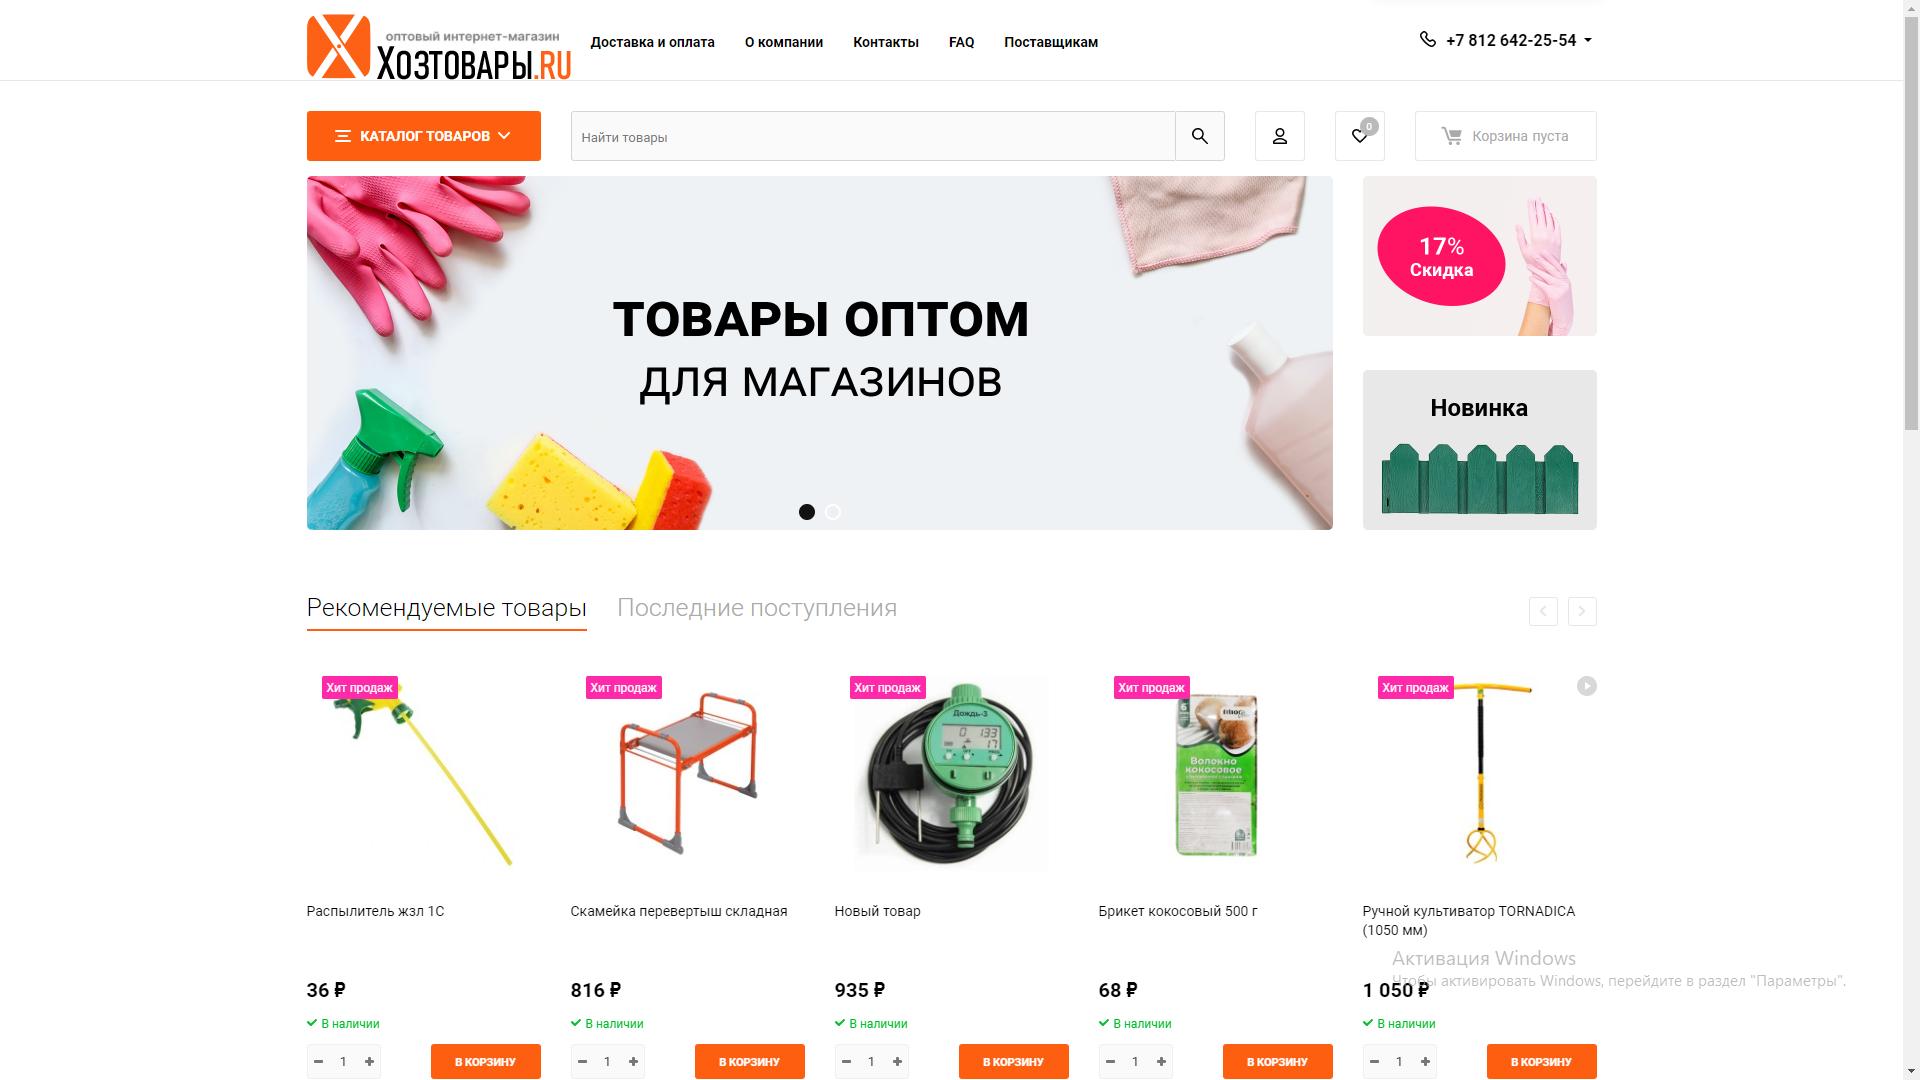 Разработка логотипа для оптового интернет-магазина «Хозтовары.ру» фото f_597606caf44ec3ce.png